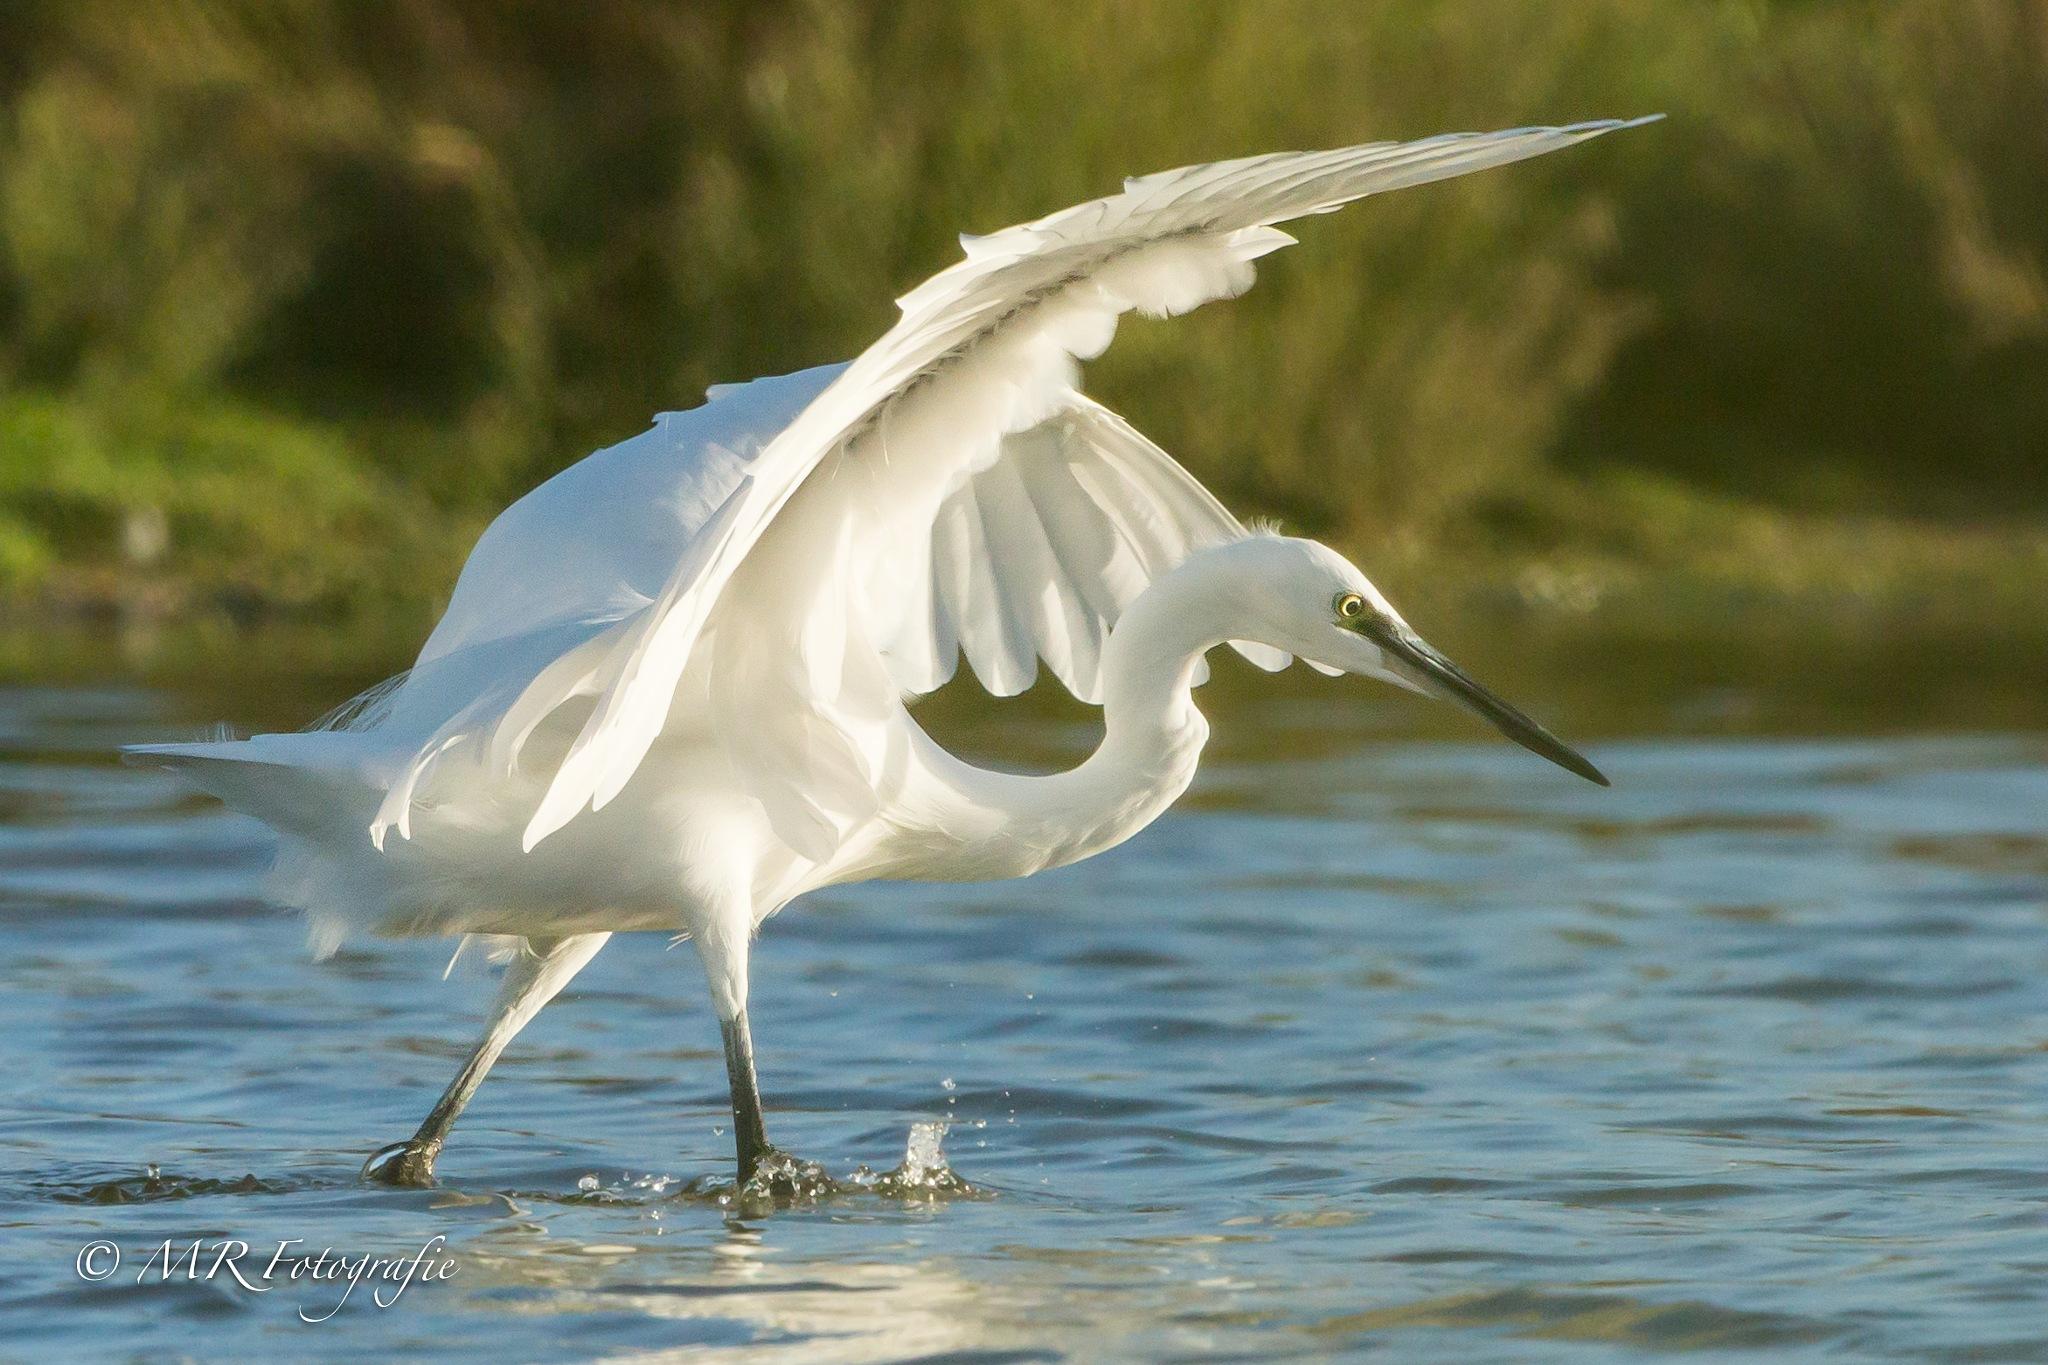 Kleine Zilverreiger - Little egret (Egretta garzetta) by marcrogghe